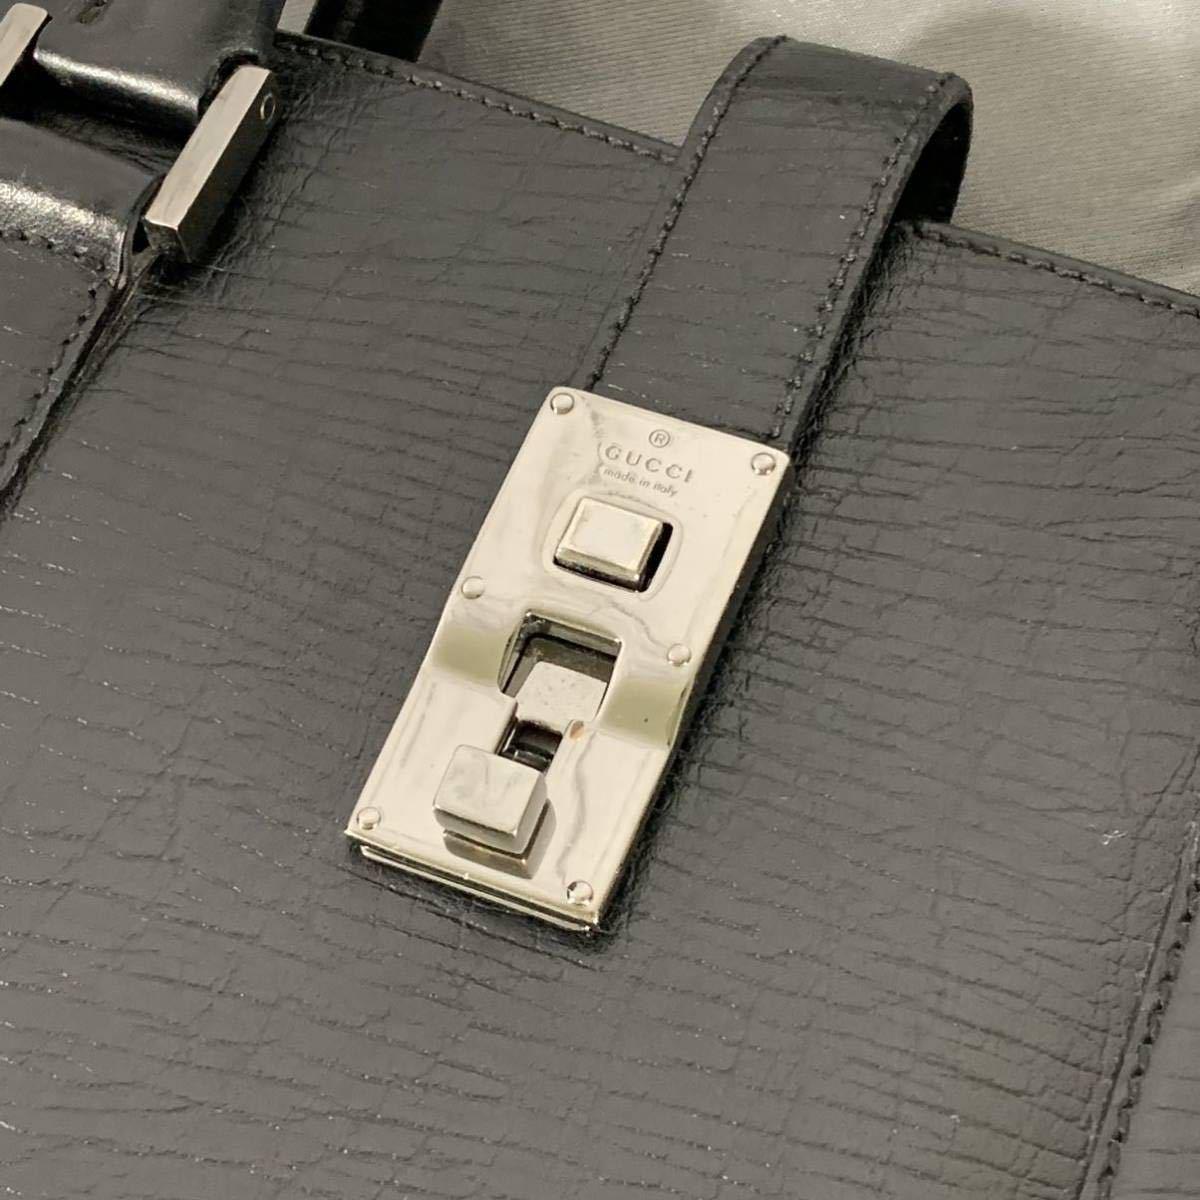 本物 超美品 グッチ 最高級グレインカーフレザー SVロック金具 メンズビジネスバッグ ブラック A4書類ブリーフケース トートバッグ GUCCI_画像6